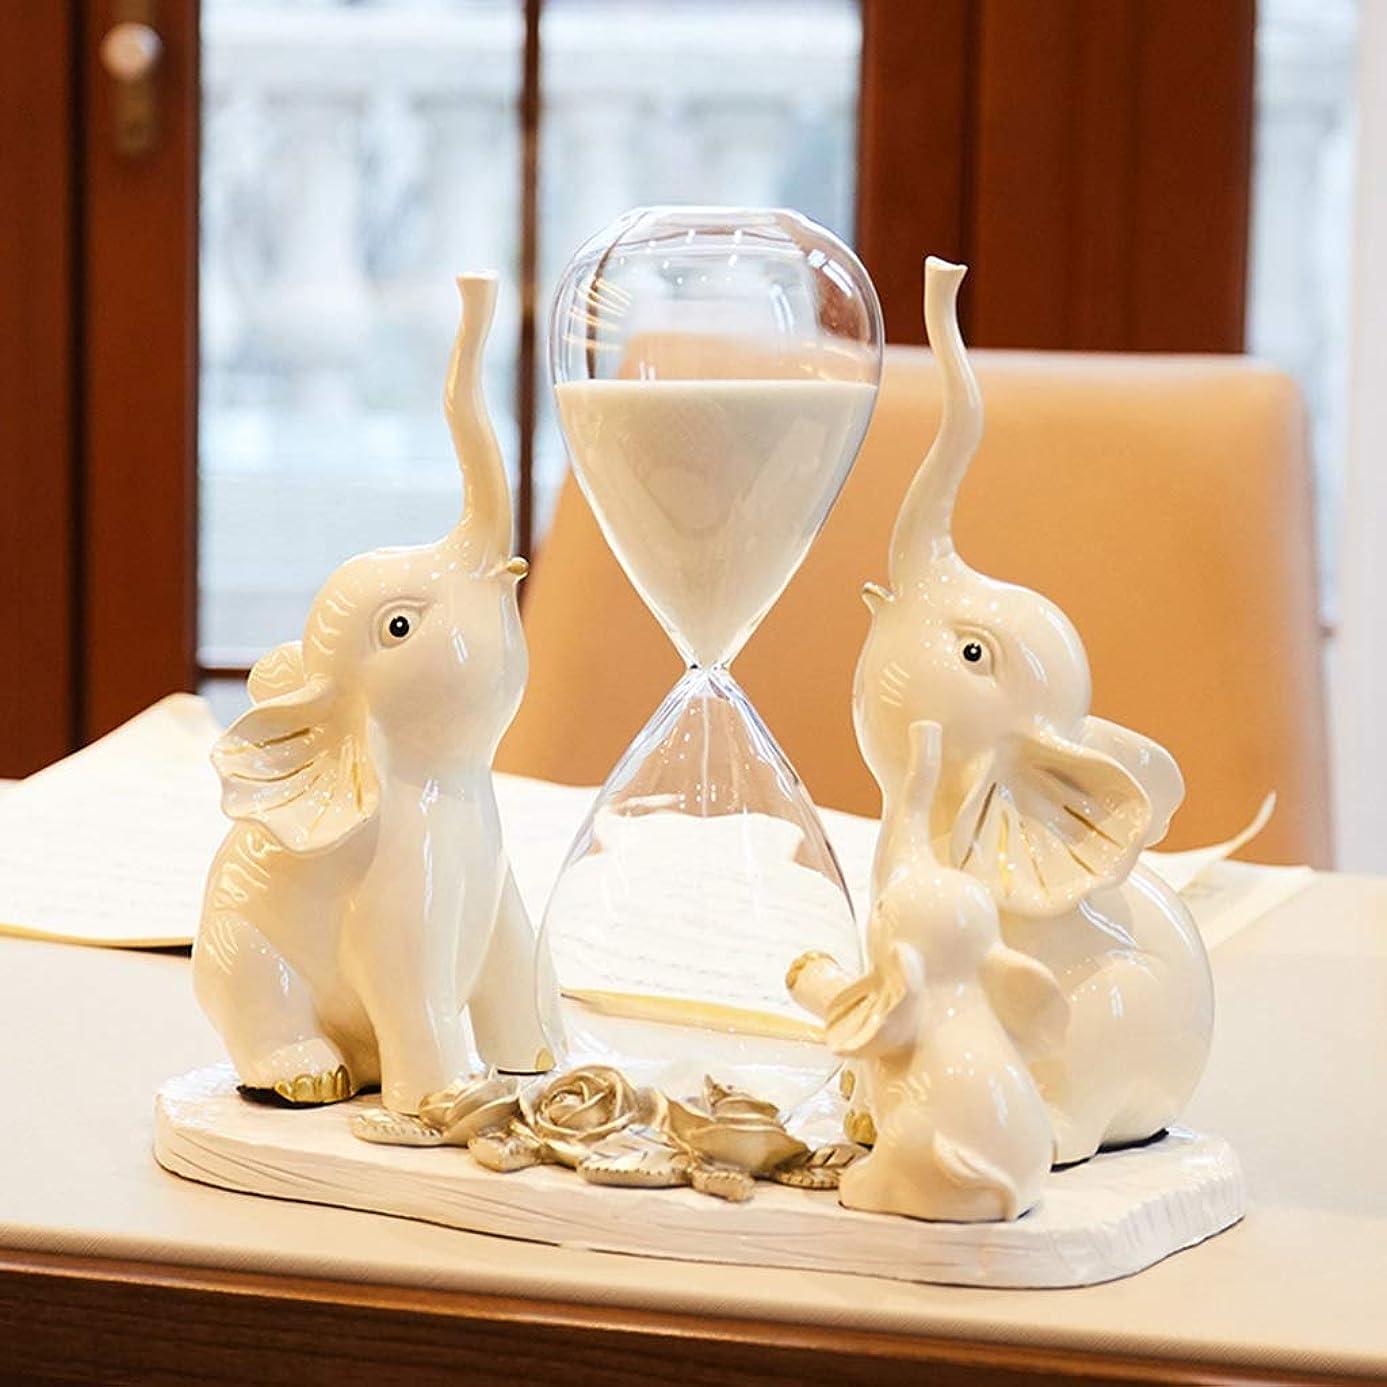 年次裁定敵対的LWBUKK 動物の形の砂時計、白い樹脂のシンプルなリビングルームの装飾工芸品、キッチンタイマー 砂時計